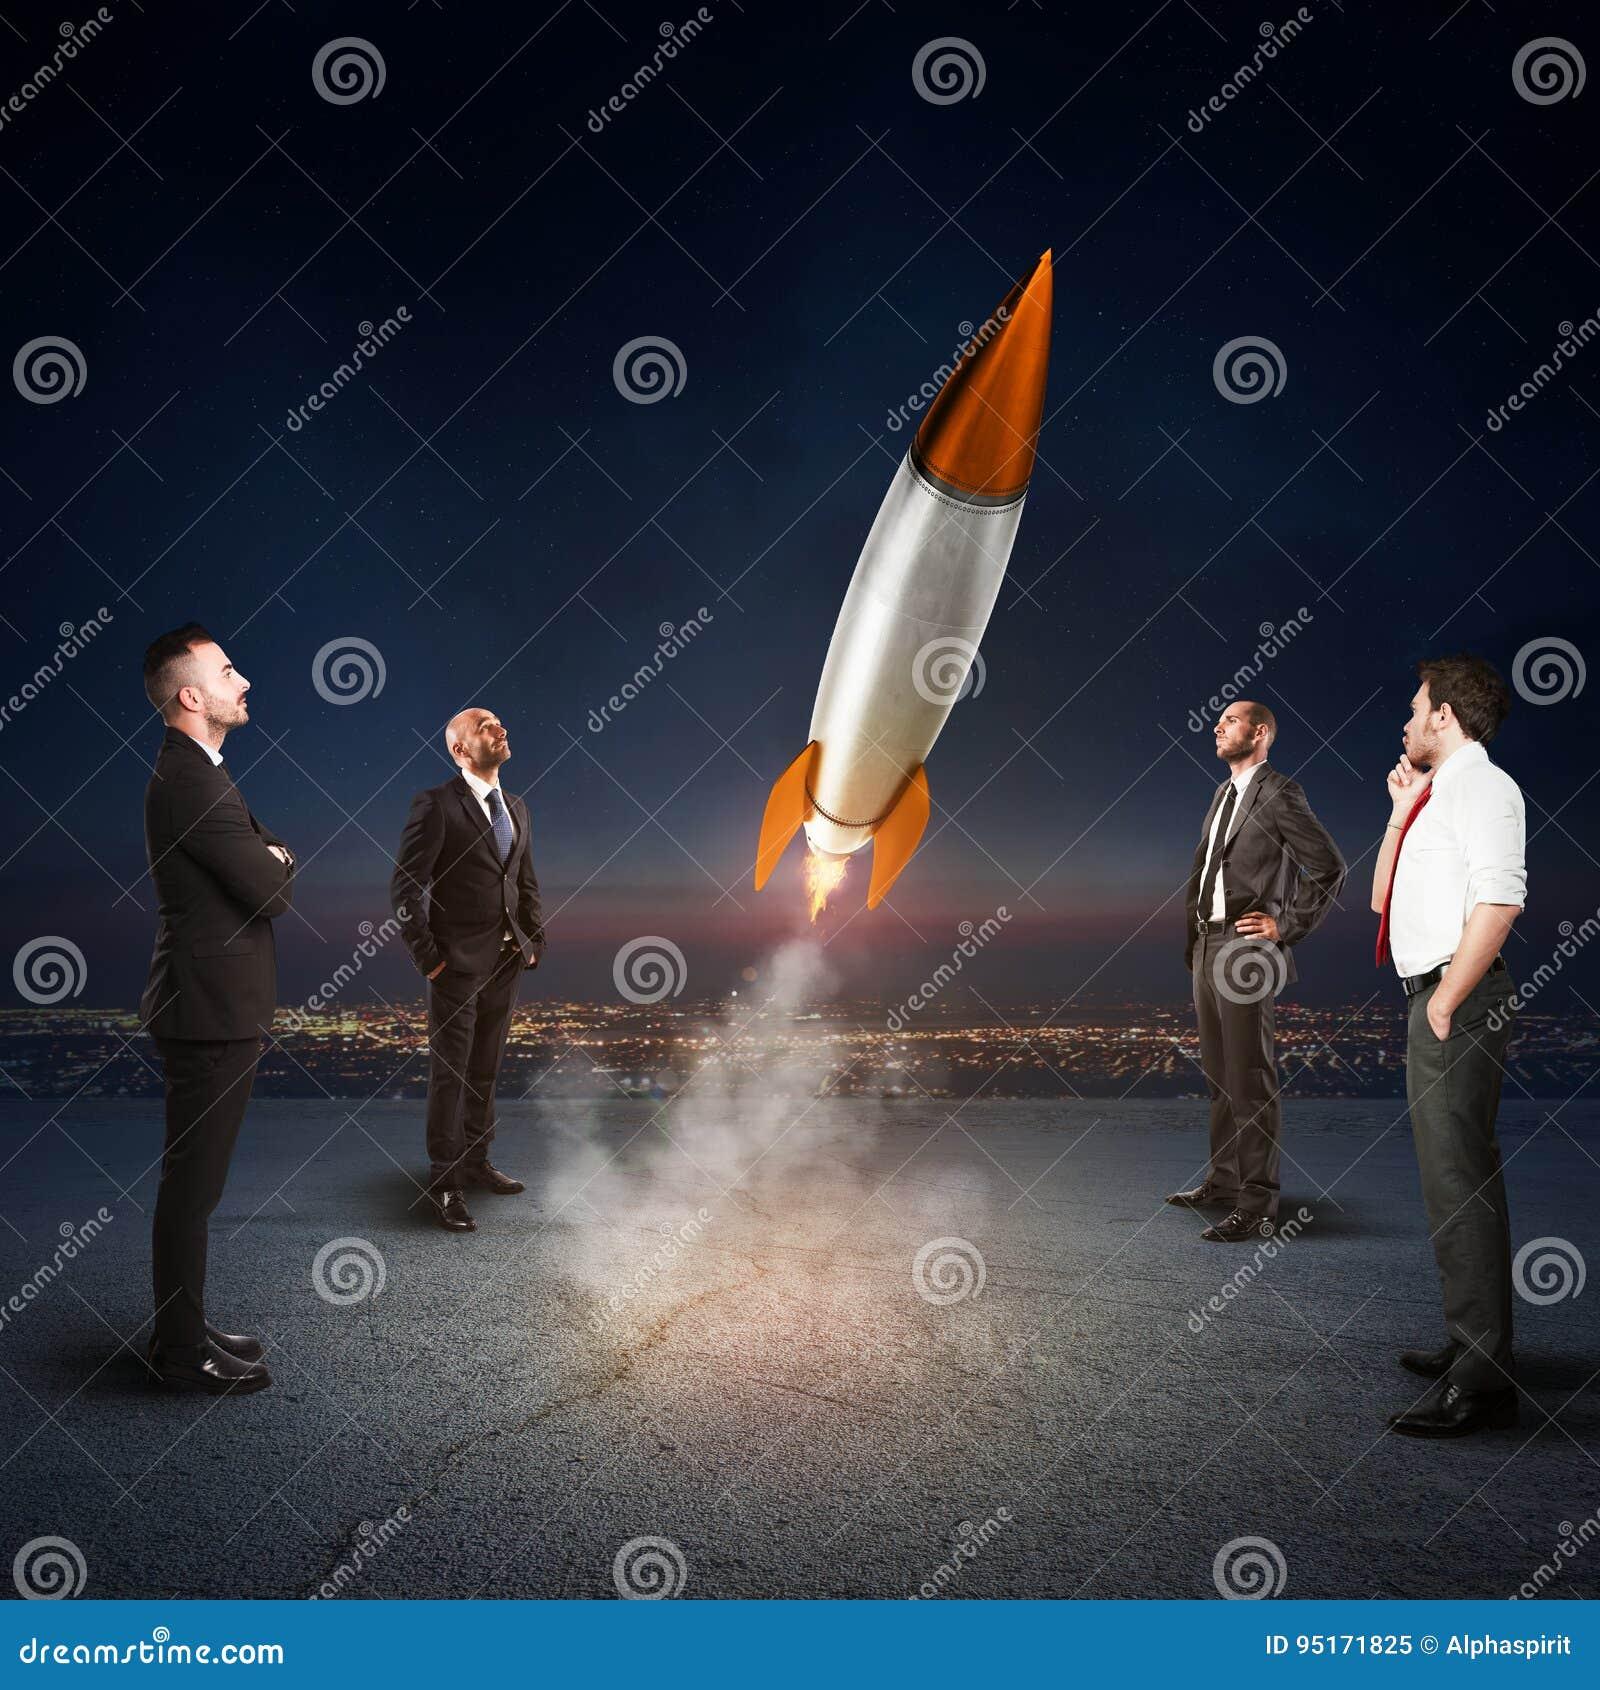 Het team van zakenlui kijkt begin een raket Concept bedrijfopstarten en nieuwe zaken het 3d teruggeven